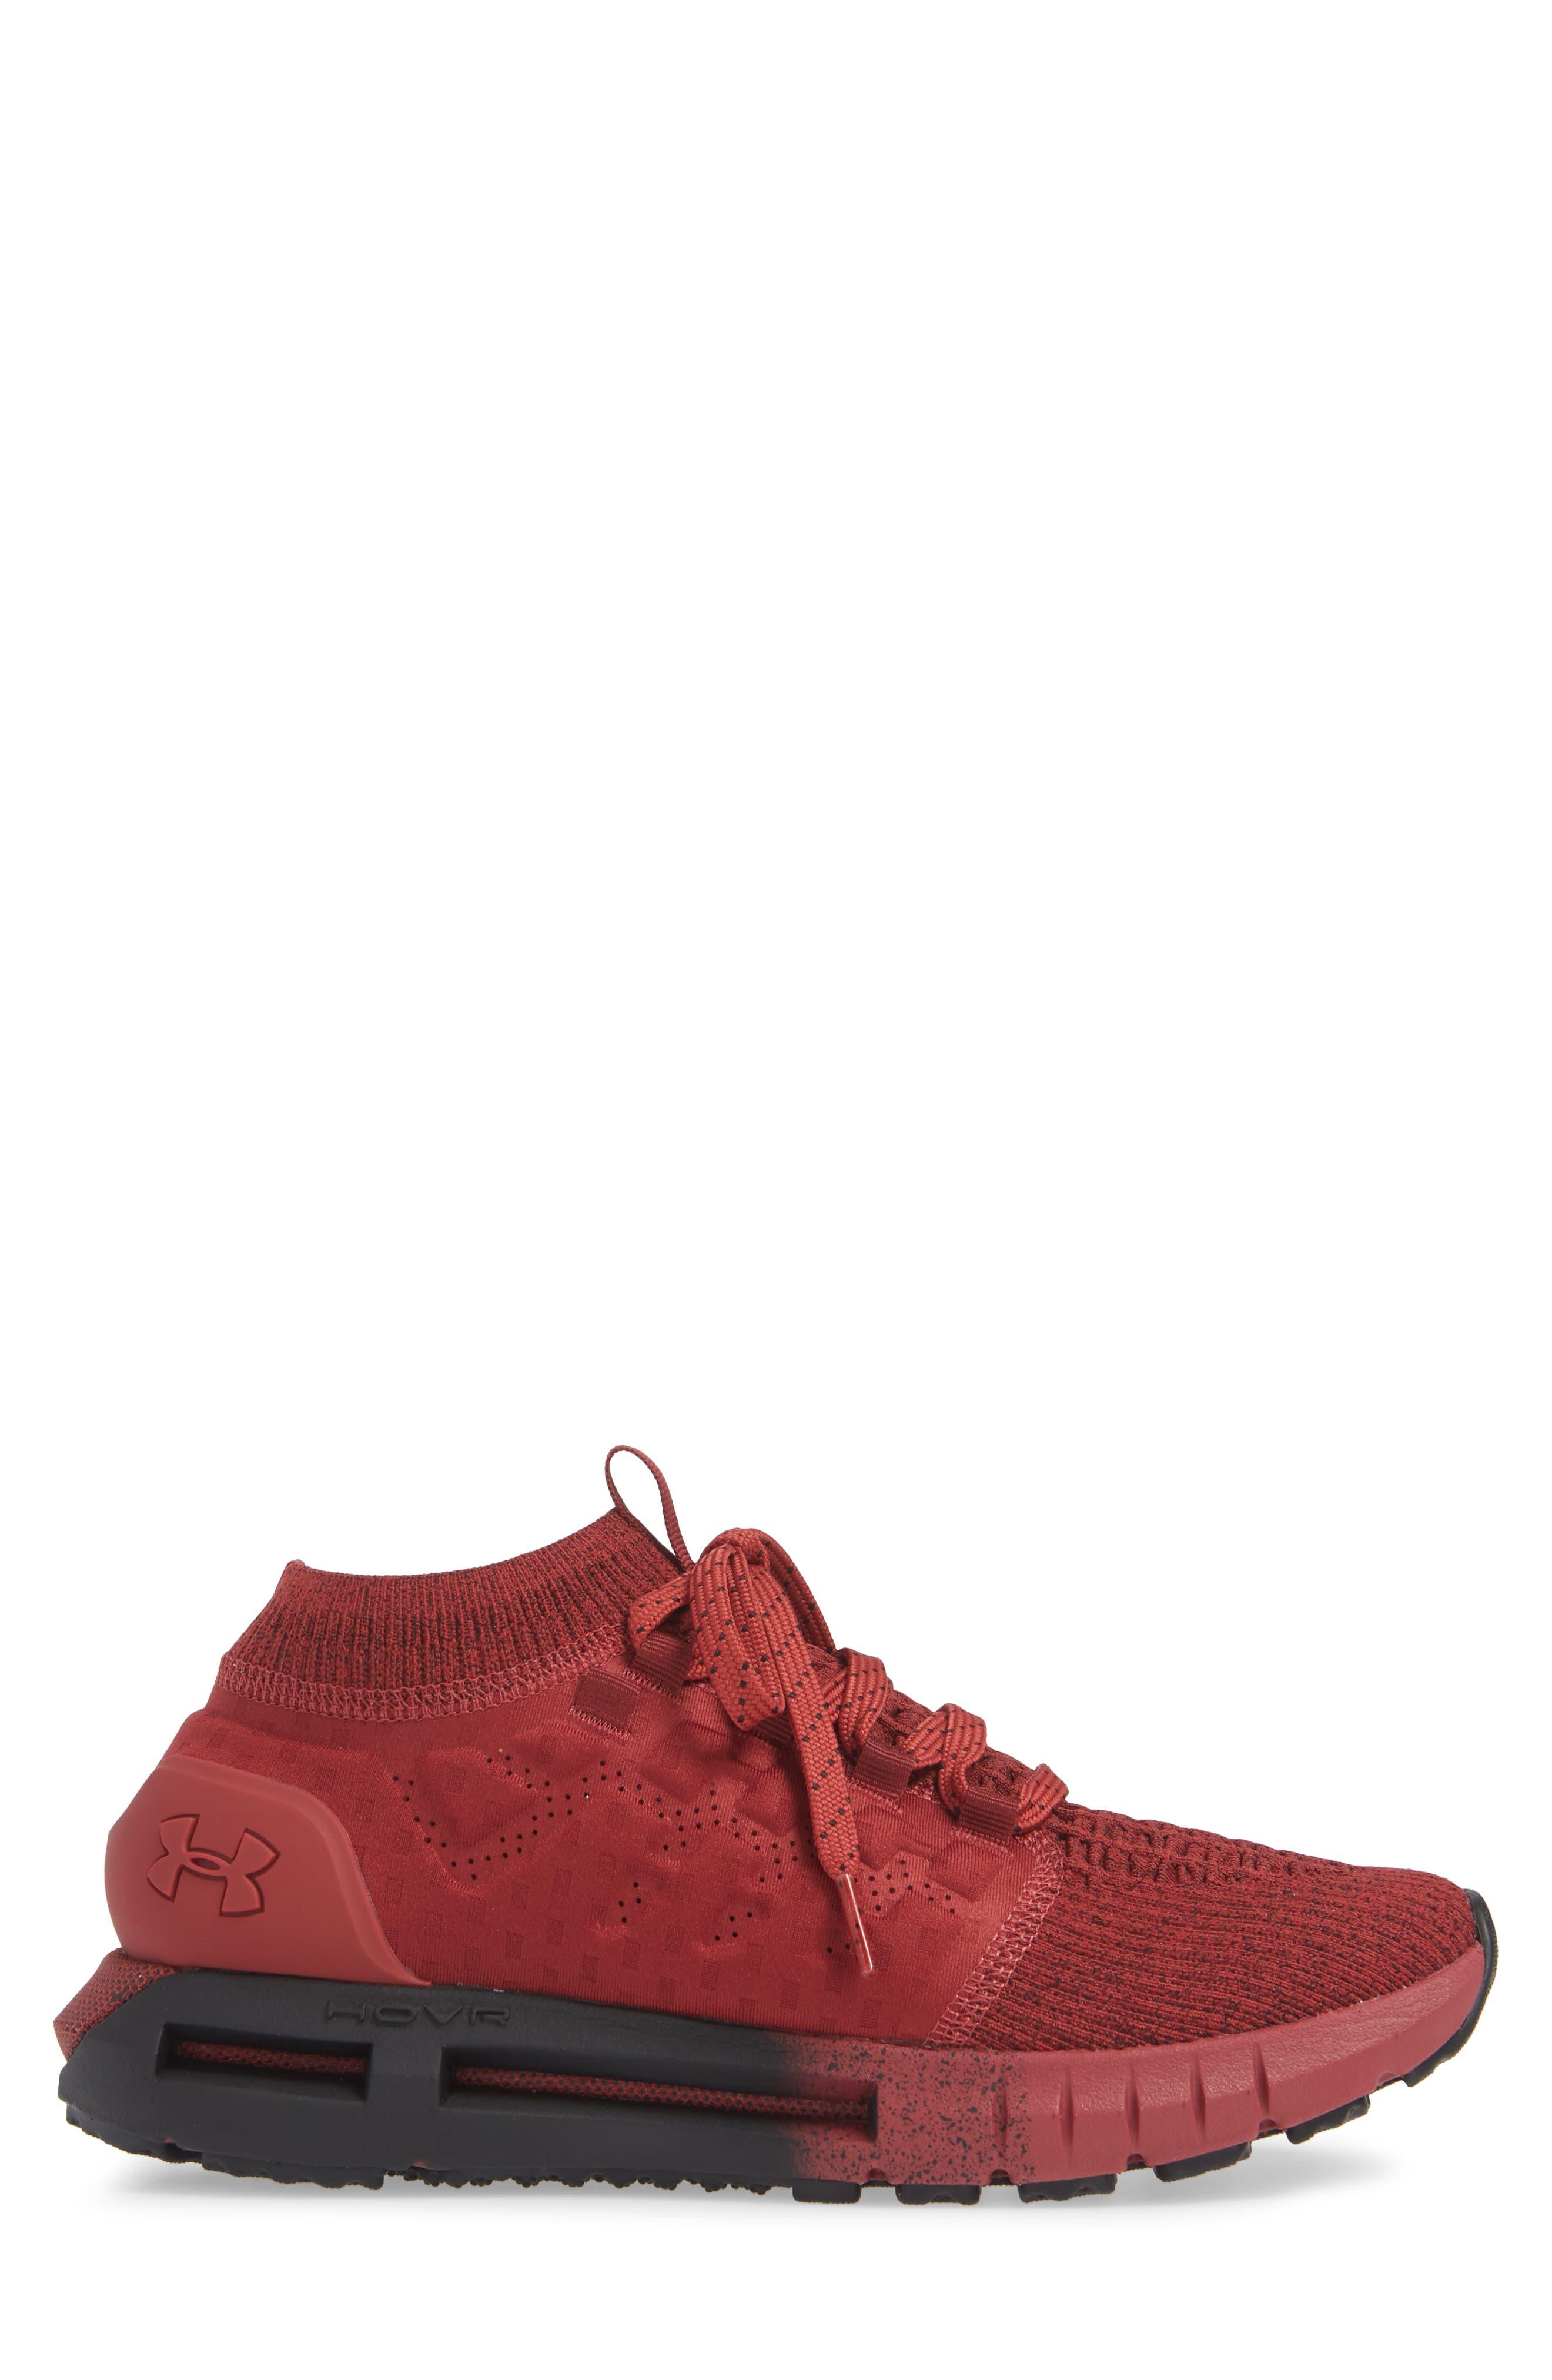 HOVR Phantom NC Sneaker,                             Alternate thumbnail 3, color,                             602